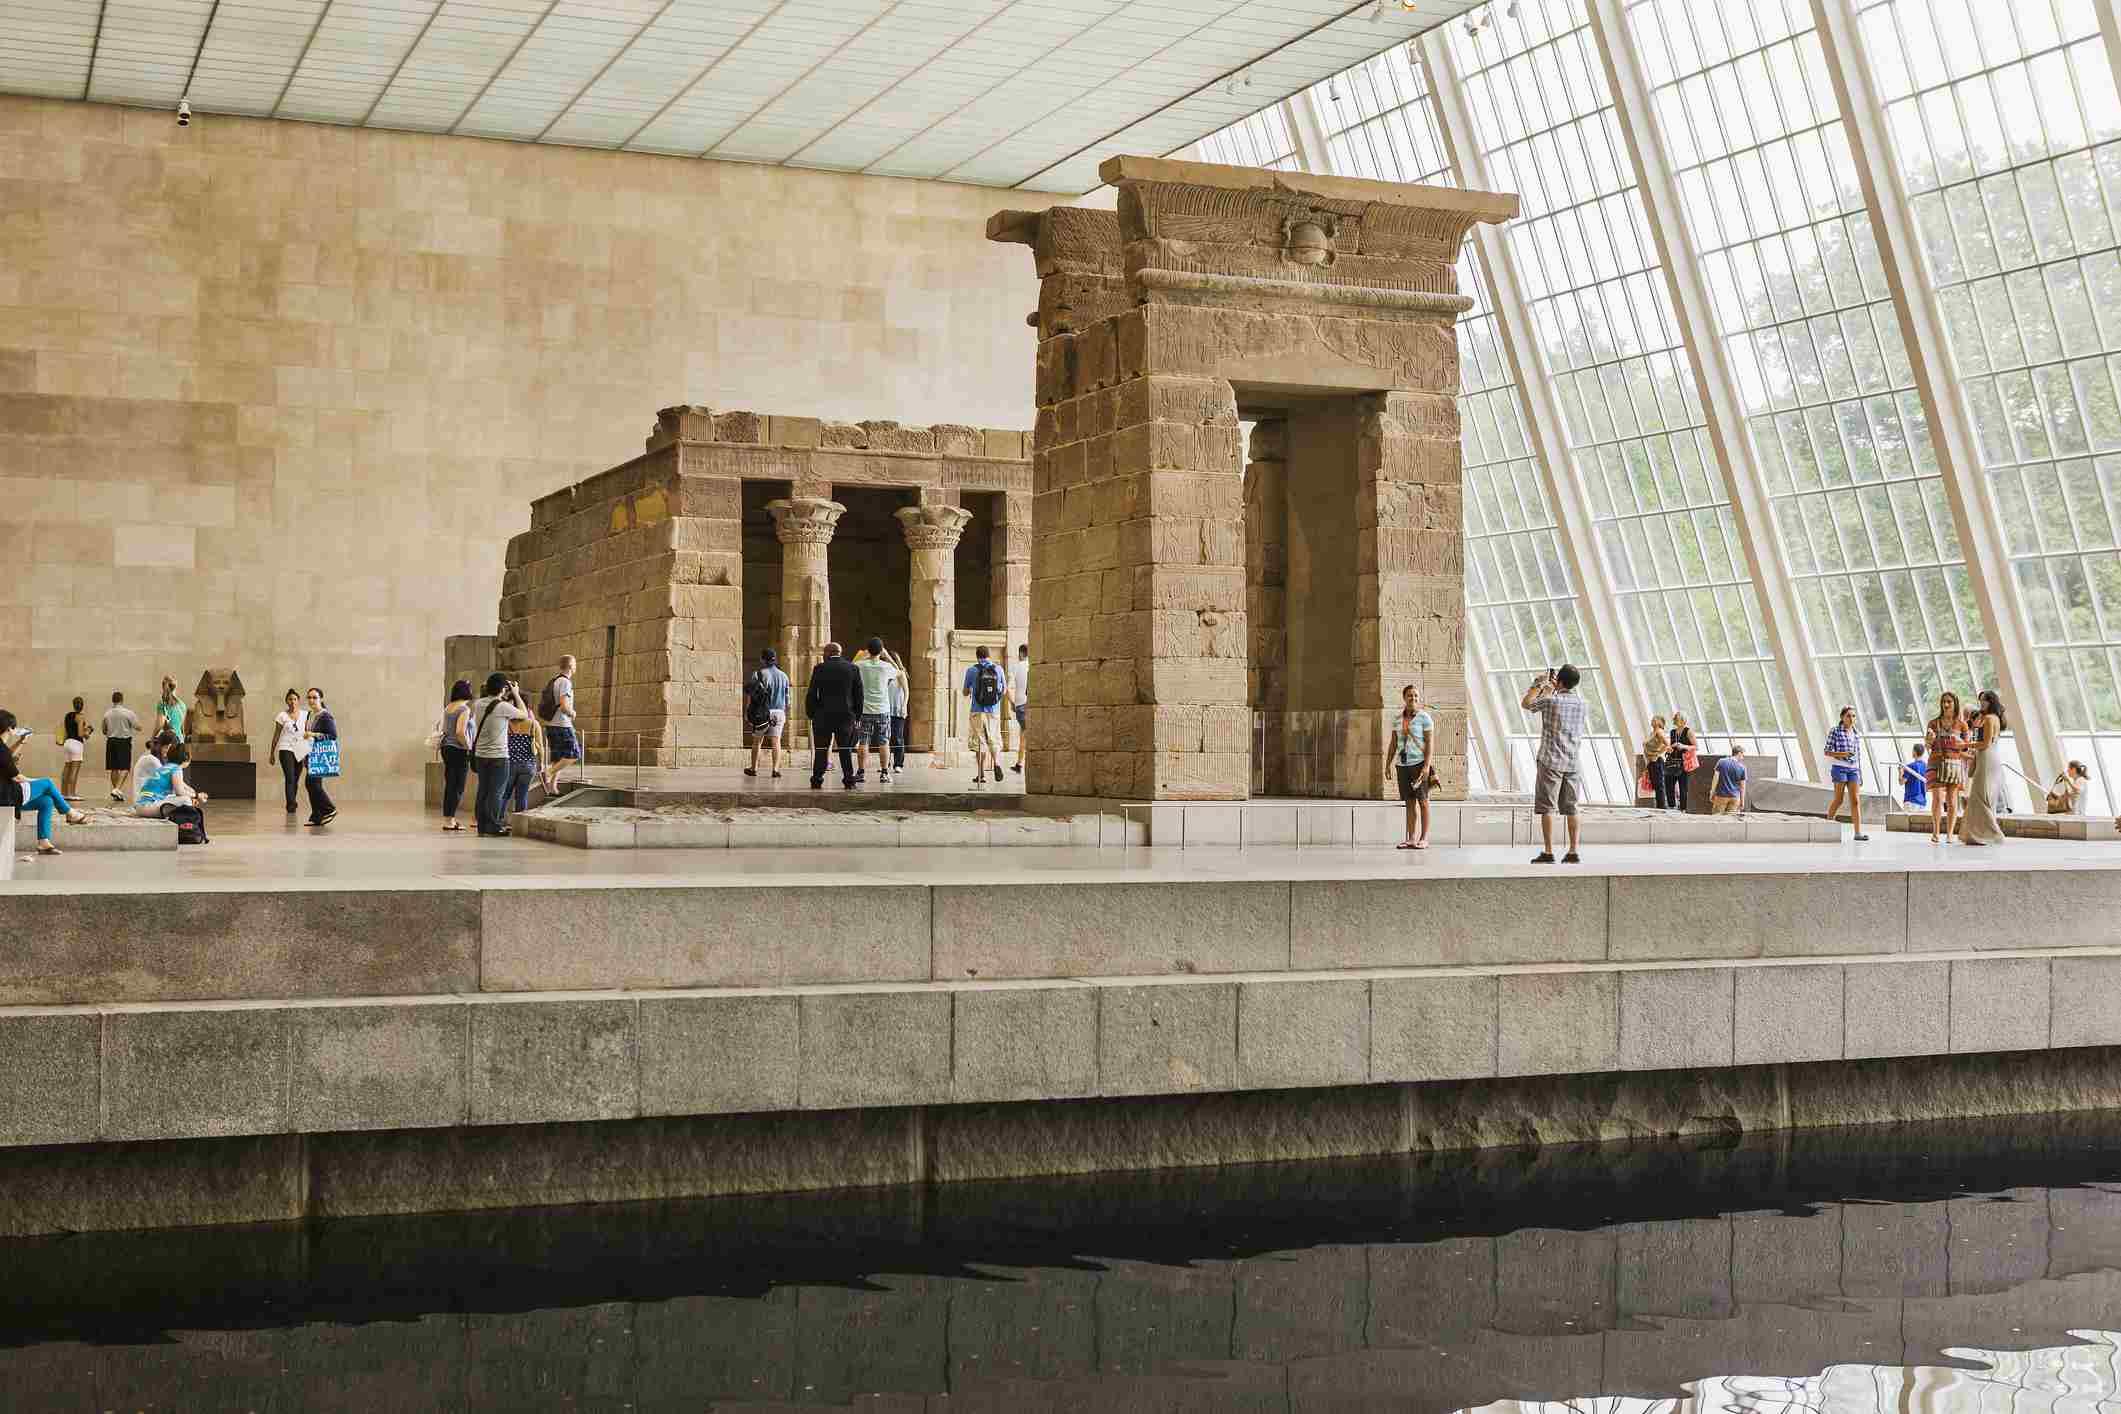 Nyc Subway Map Metropolitan Museum.Metropolitan Museum Of Art Visitors Guide